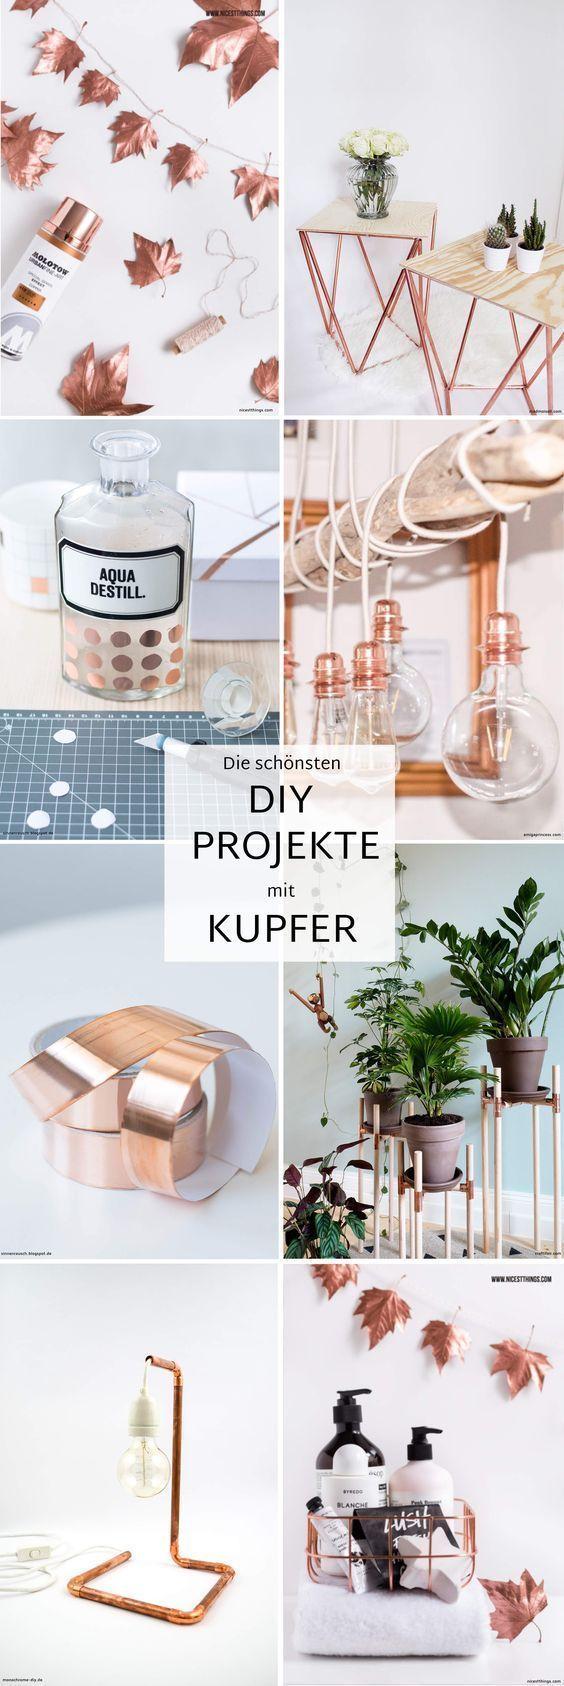 Kreative Ideen Diy - Design